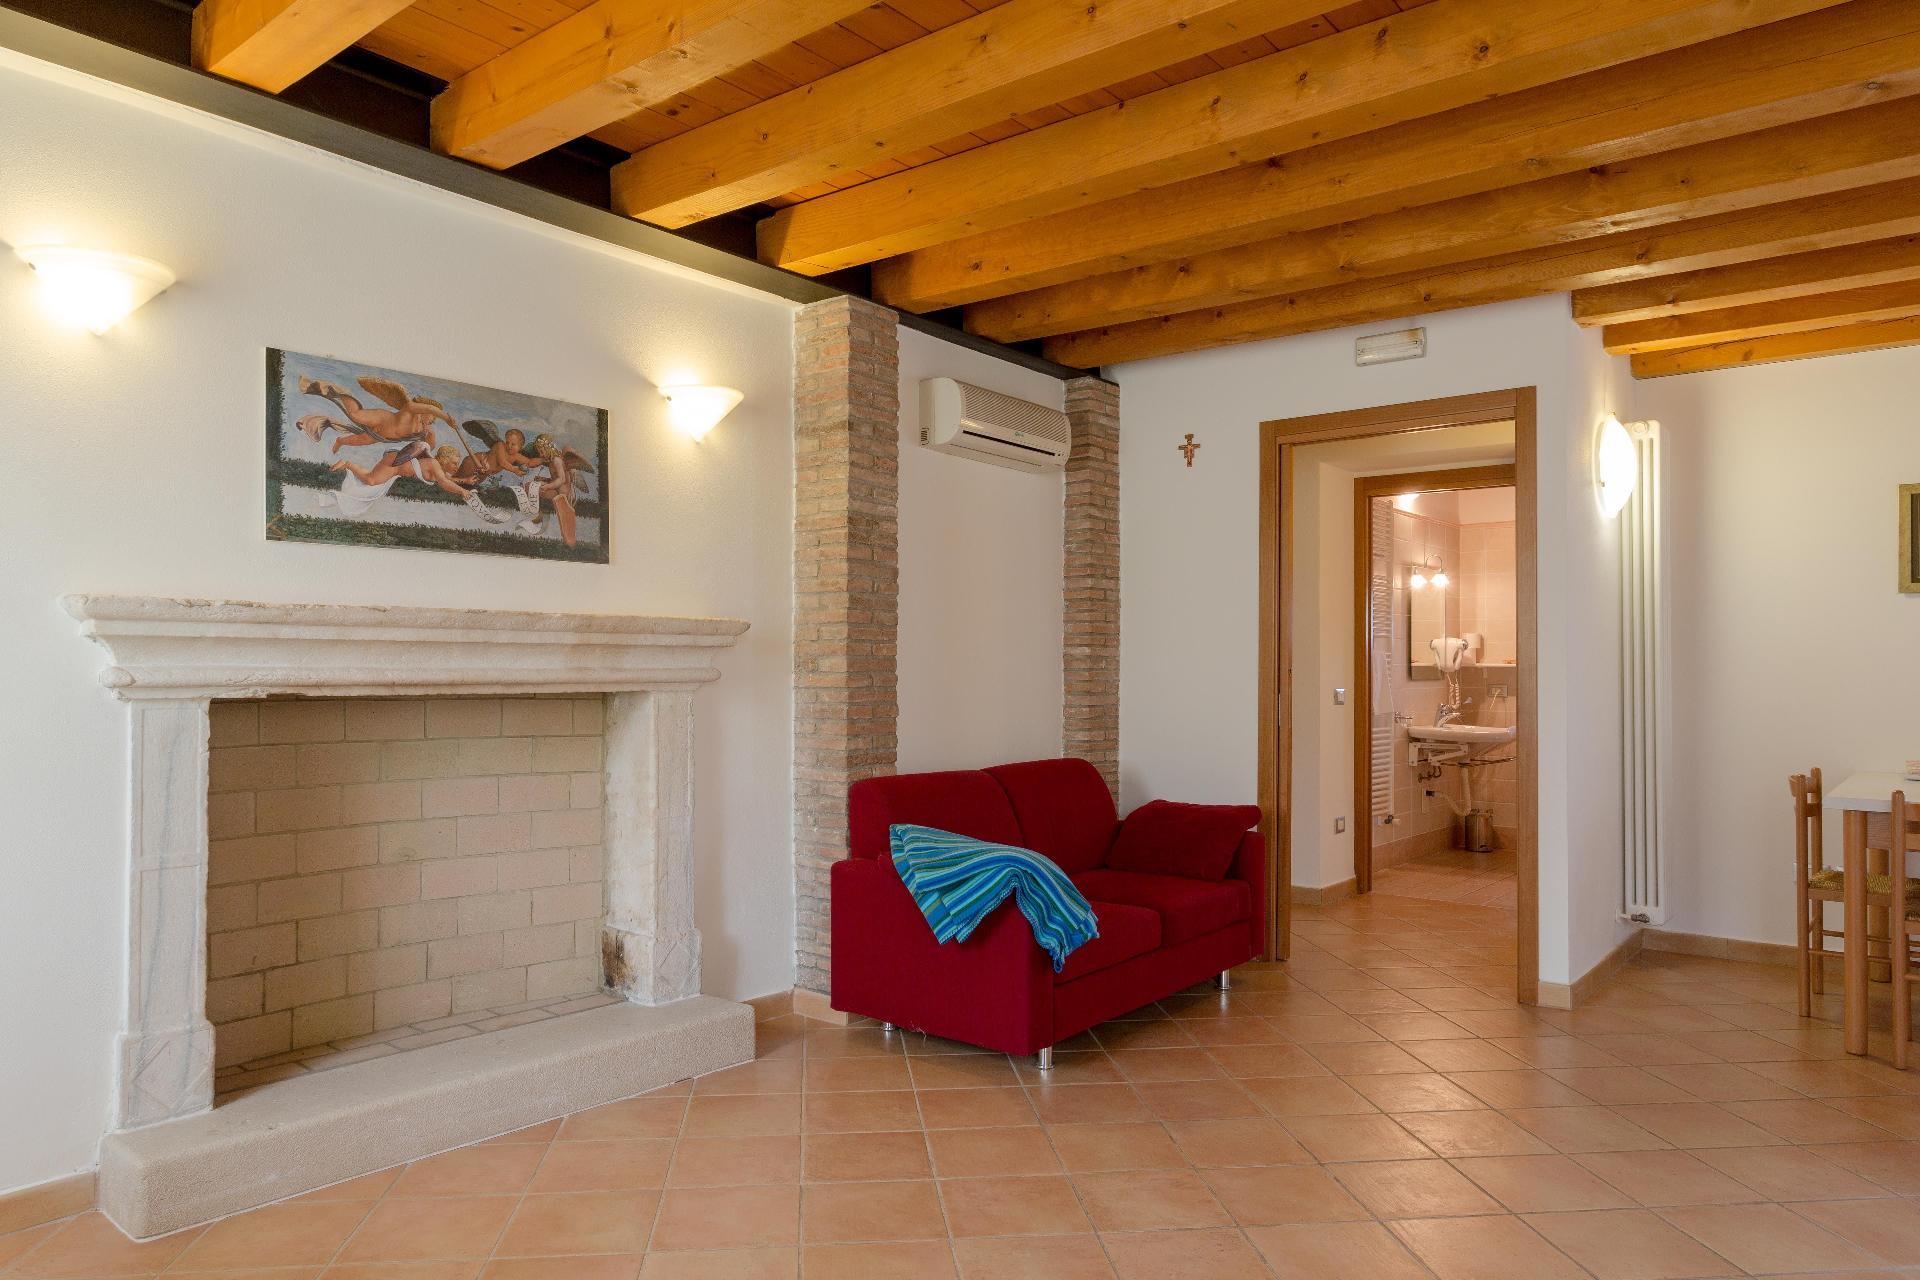 Ferienwohnung für 2 Personen ca. 42 m² i Bauernhof